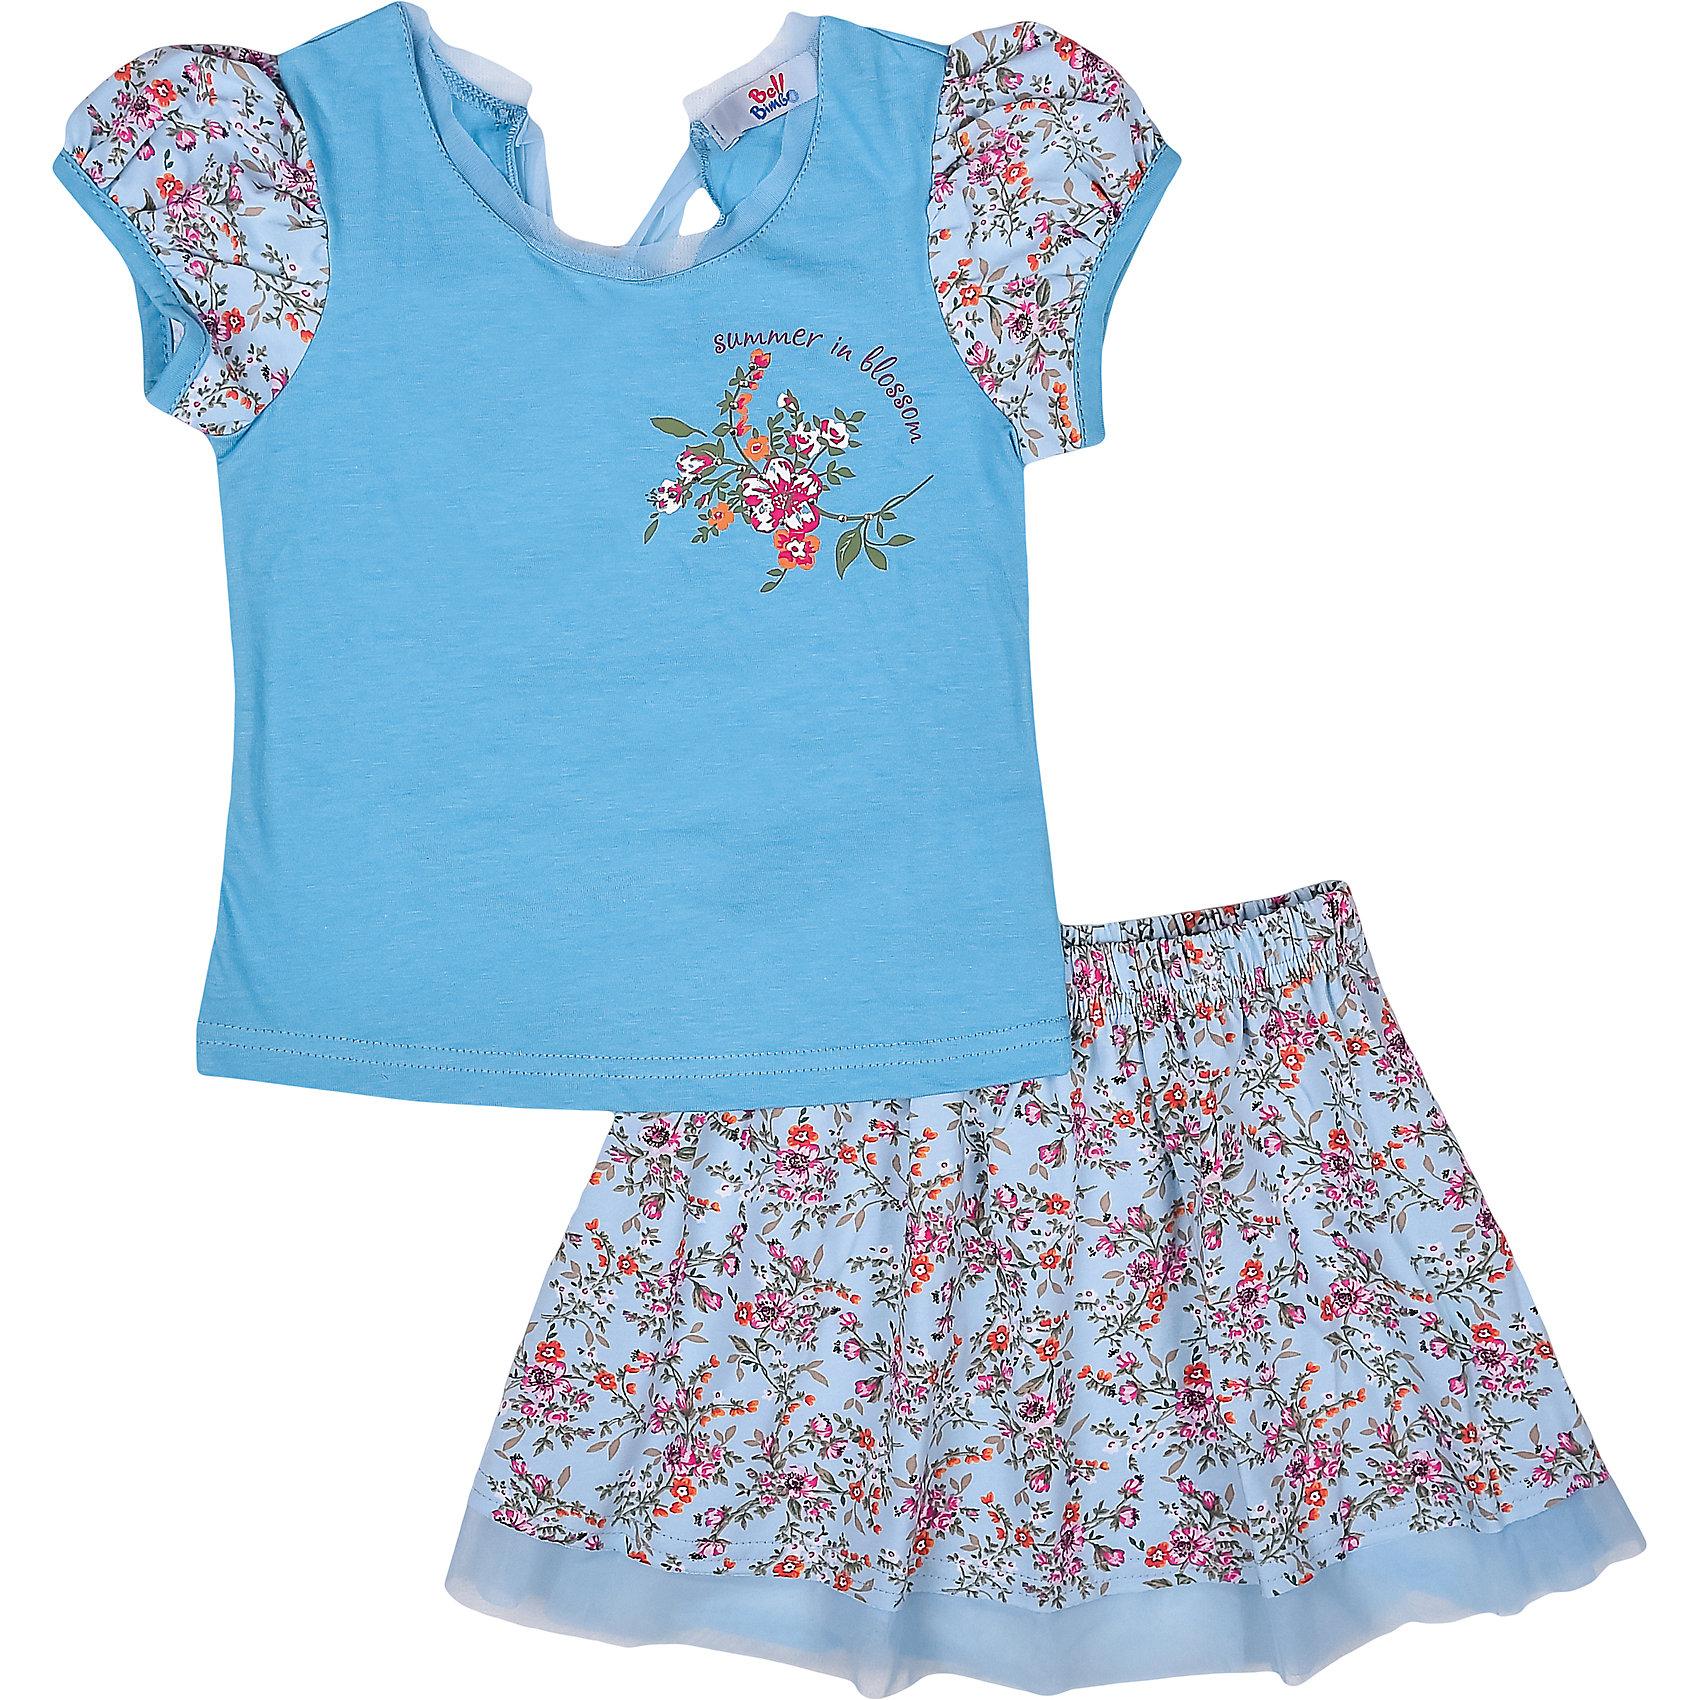 Комплект: футболка и юбка для девочки Bell BimboКомплект для девочки  состоит из футболки и юбки. Нежная футболка с коротким рукавом, печатью и оригинальной спинкой, в сочетании с набивной юбкой красочного цветочного принта и интересной окантовкой в виде сетки, будет отлично сидеть на ребенке.<br>Состав:<br>100% хлопок<br>Отделка 95% хлопок, 5% эластан<br><br>Ширина мм: 207<br>Глубина мм: 10<br>Высота мм: 189<br>Вес г: 183<br>Цвет: голубой<br>Возраст от месяцев: 36<br>Возраст до месяцев: 48<br>Пол: Женский<br>Возраст: Детский<br>Размер: 104,98,110,122,116<br>SKU: 4009219